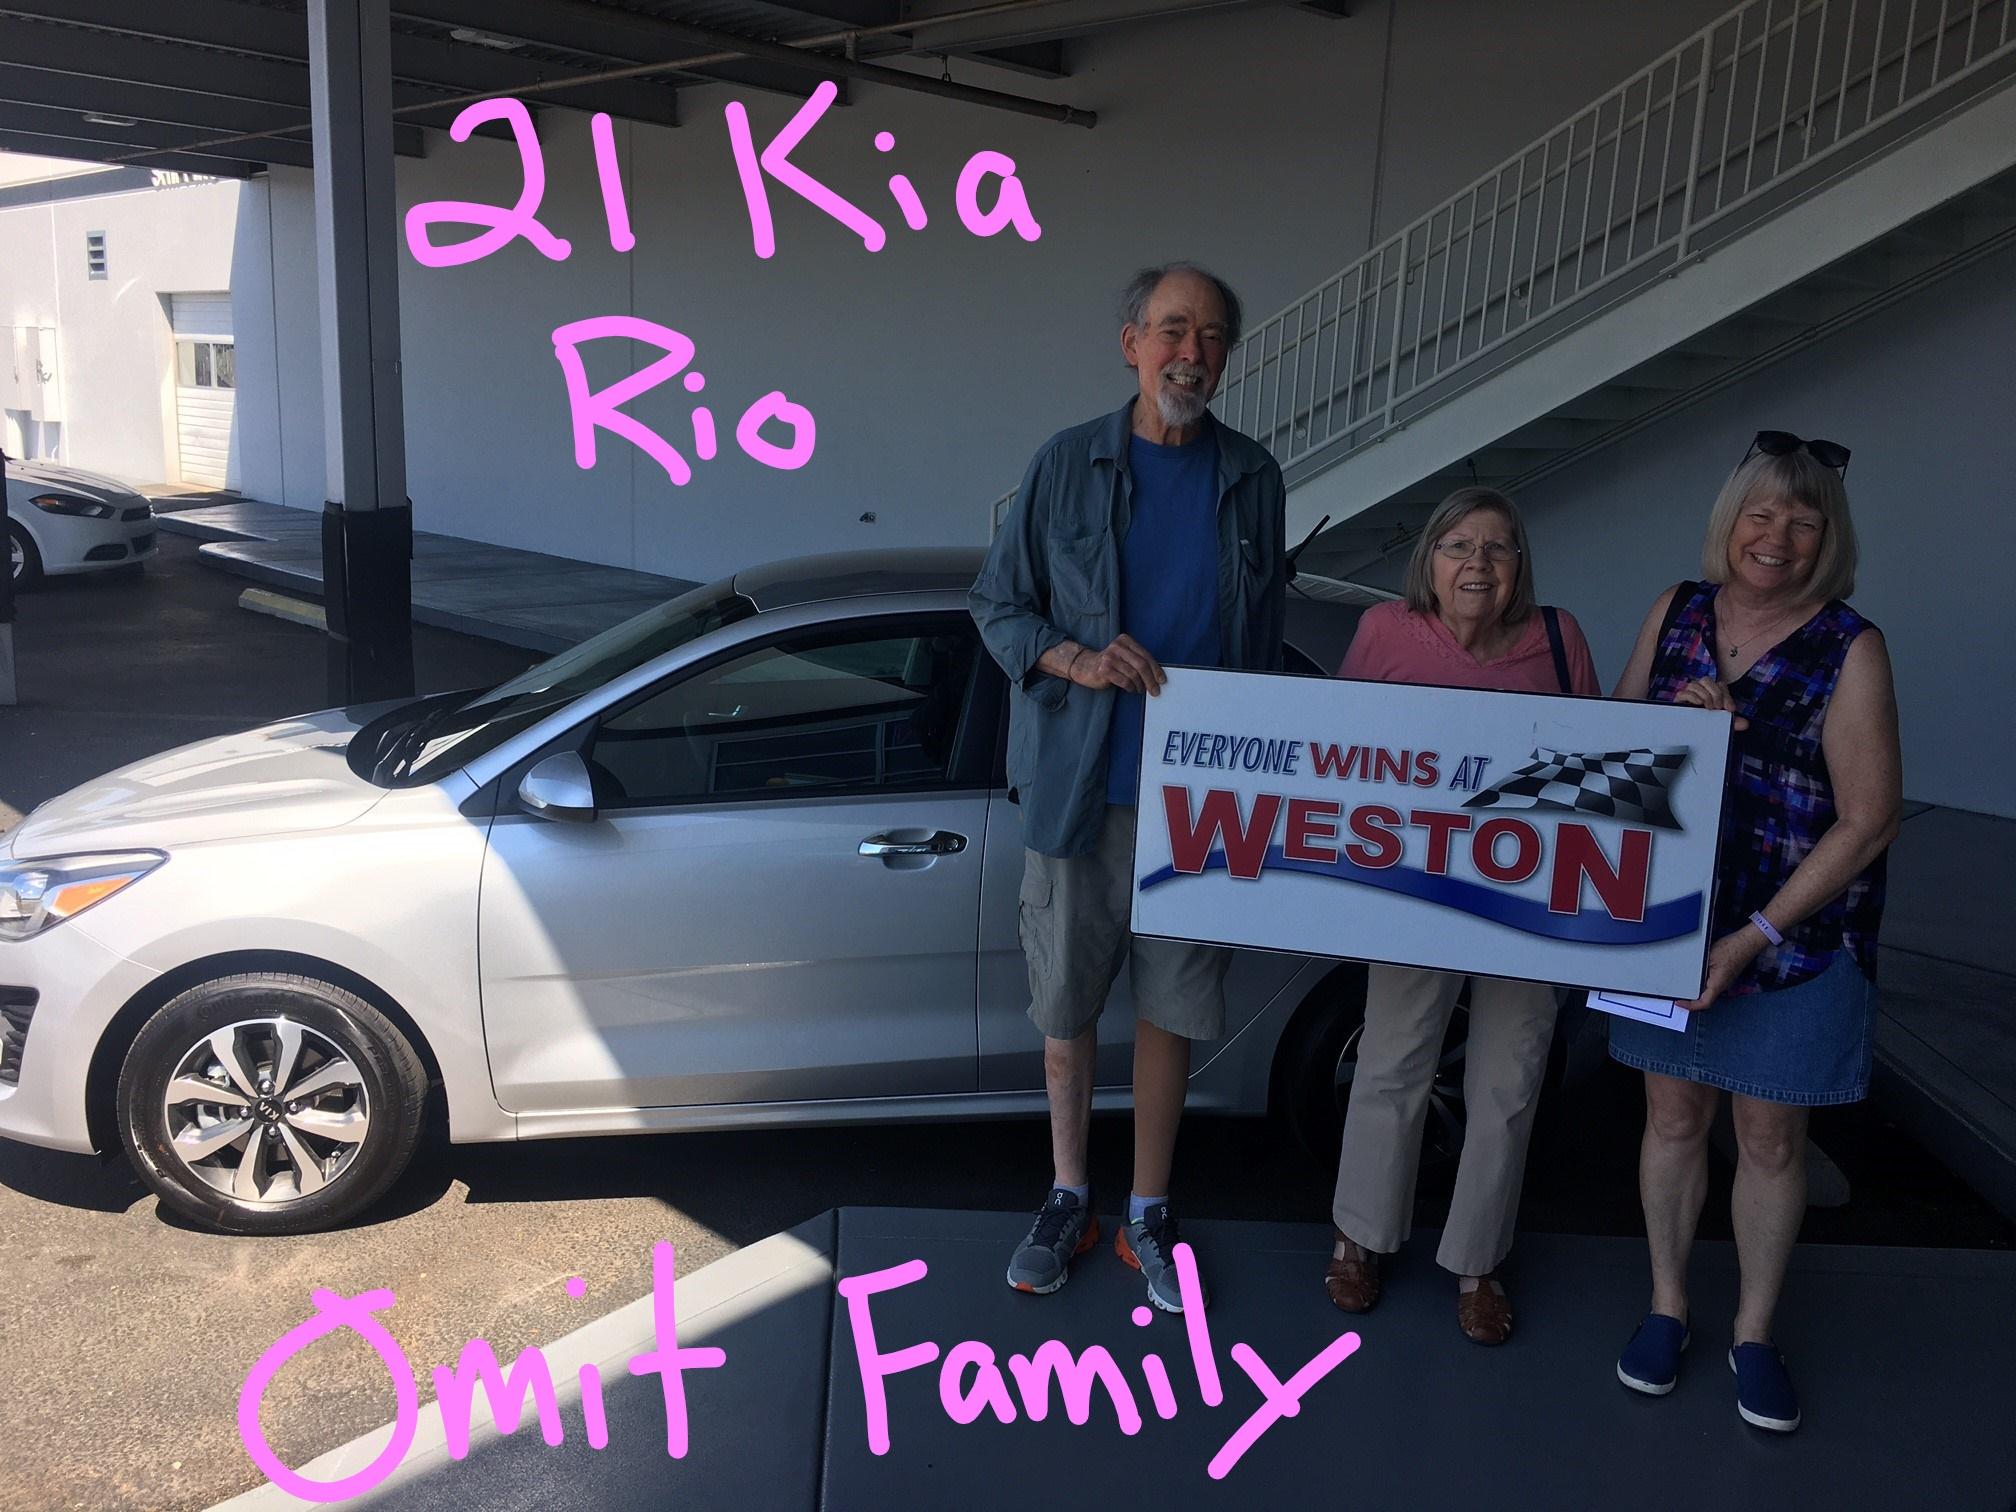 21 Kia Rio Omit Family